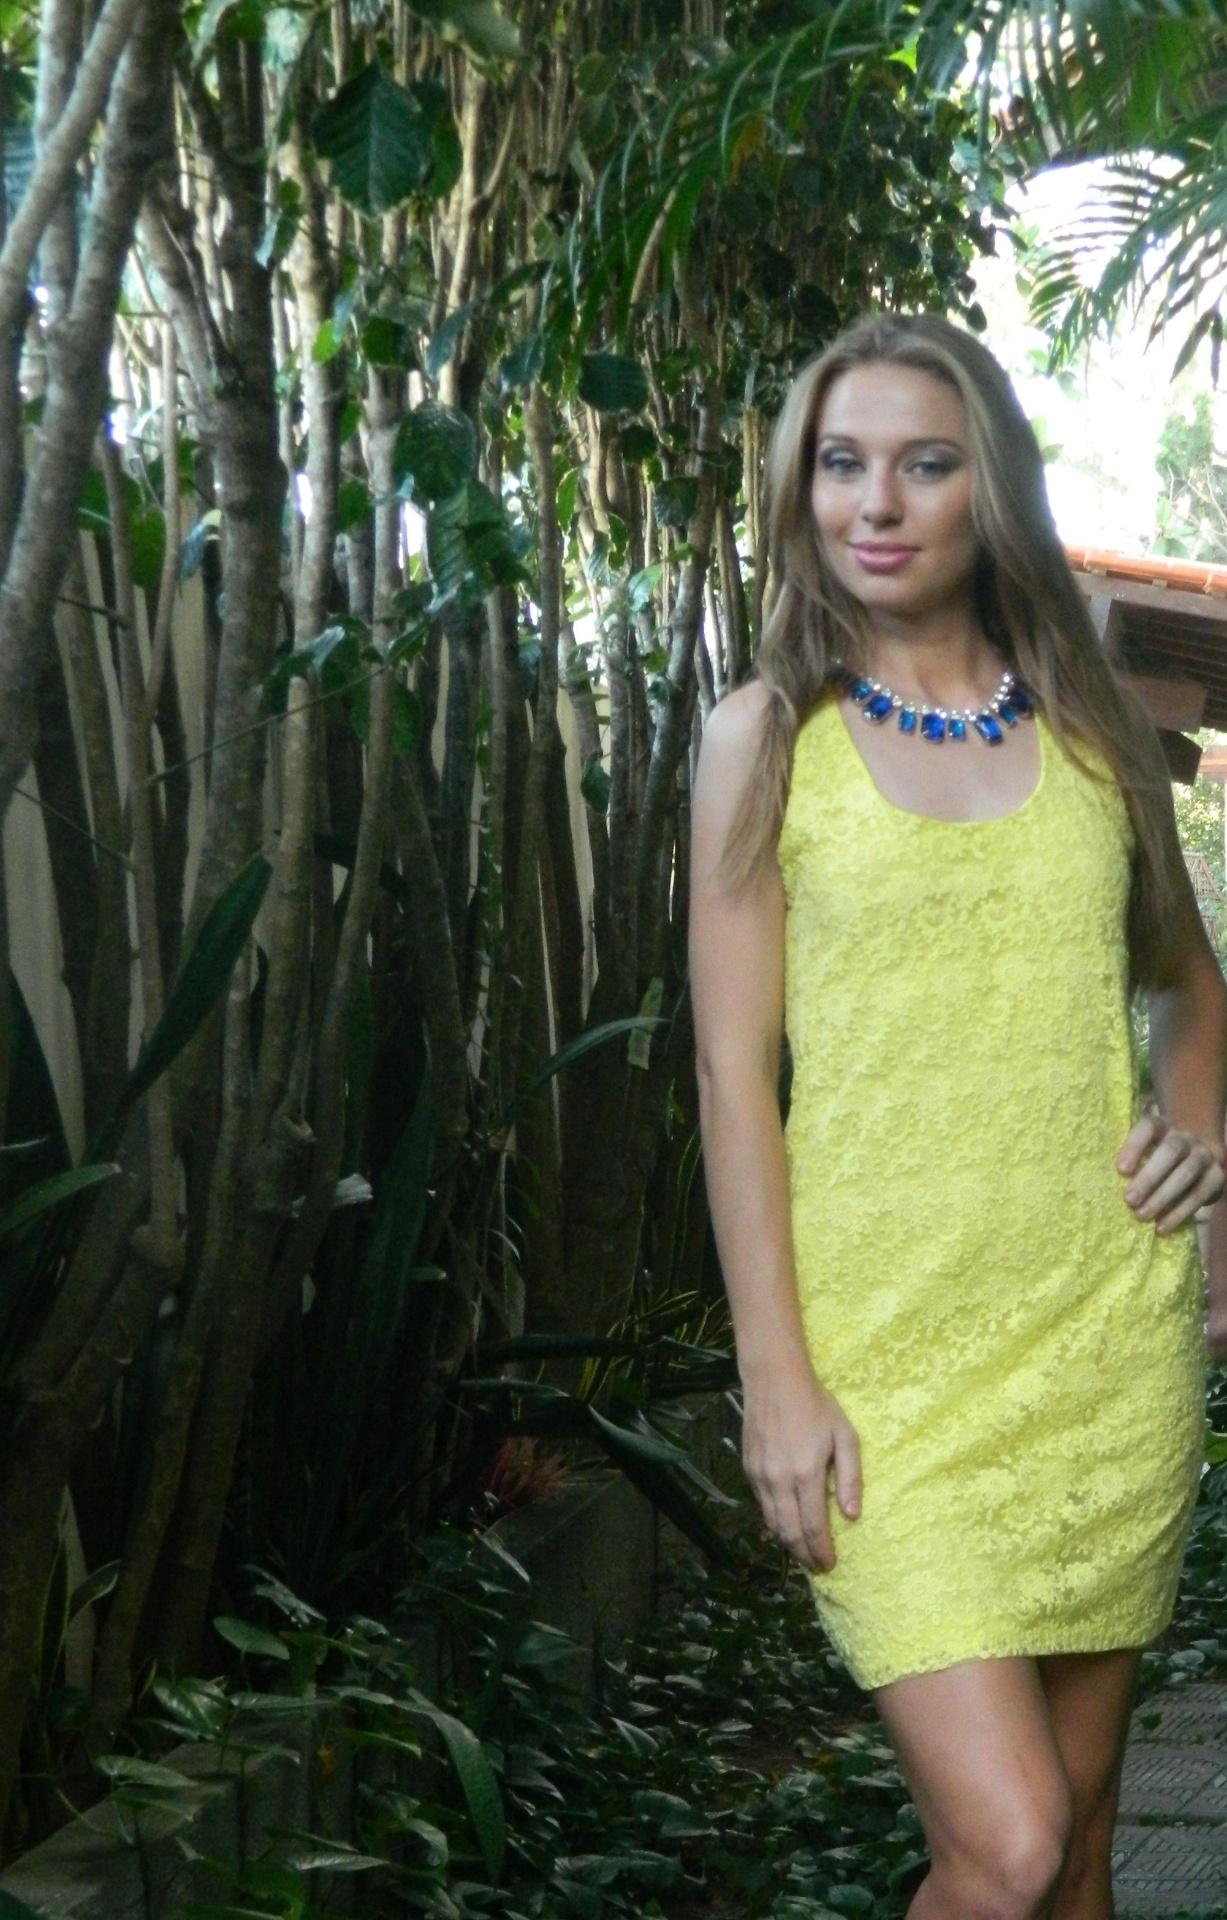 Dani Pato já trabalhou como modelo fotográfica